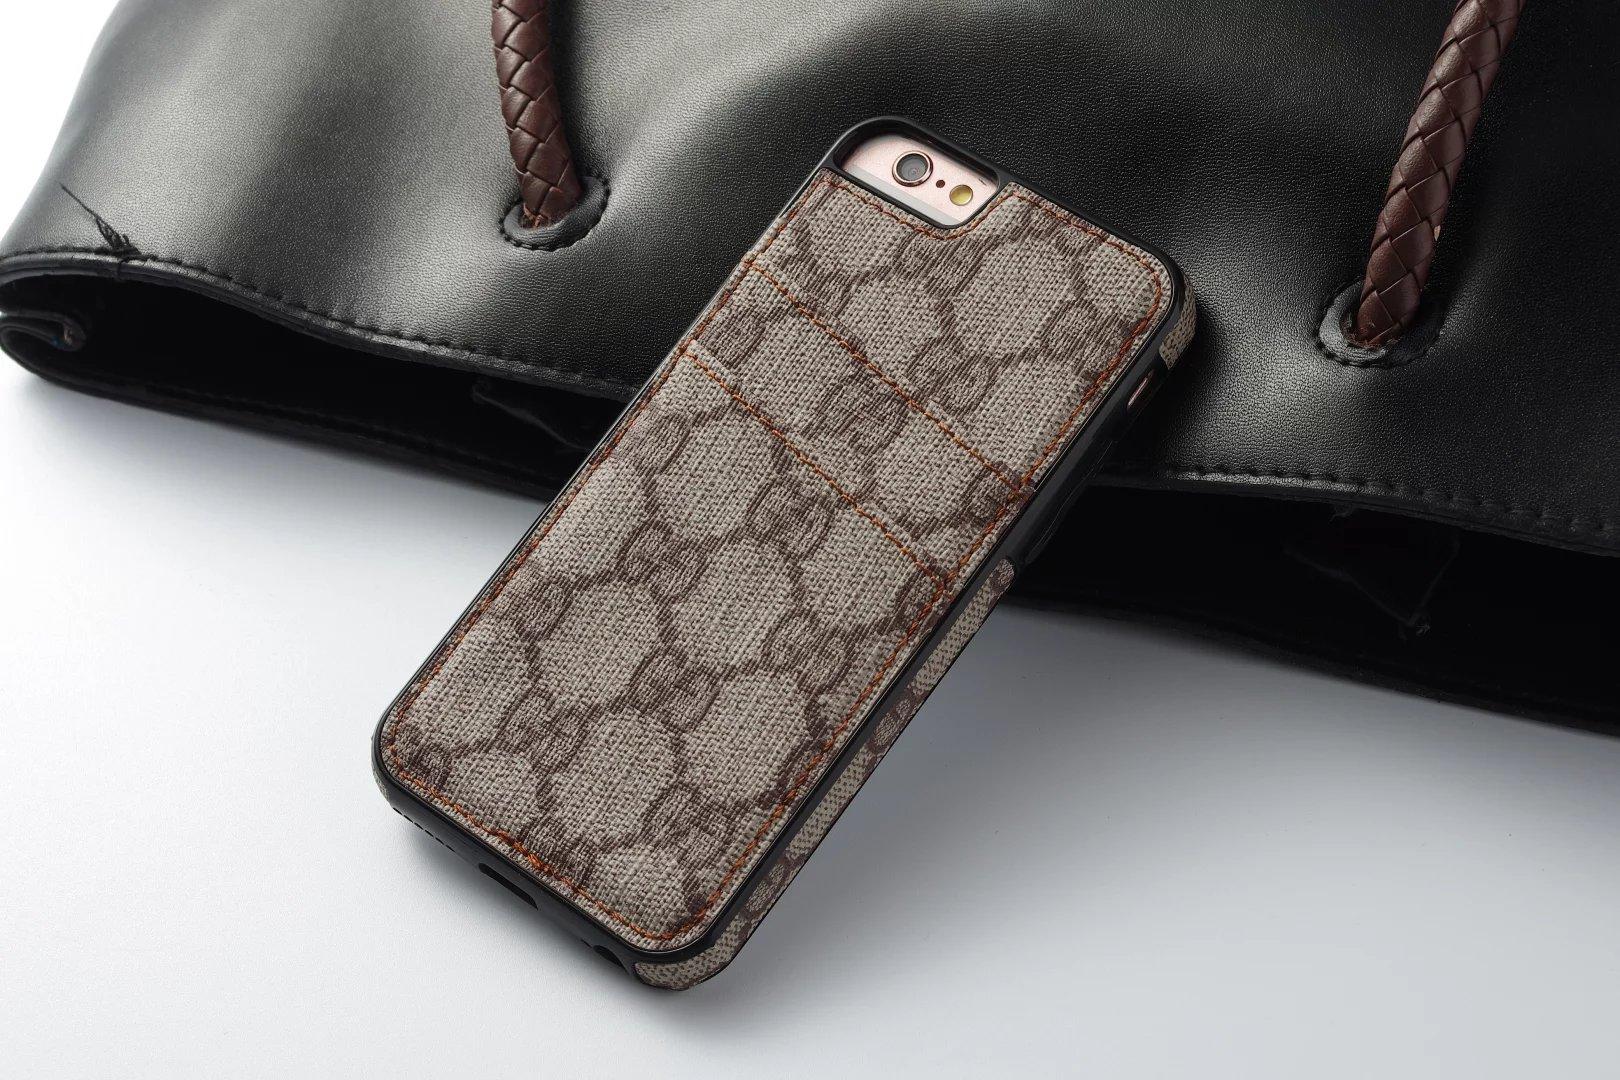 edle iphone hüllen iphone hülle leder Gucci iphone7 hülle wann kommt der neue iphone iphone 3s hülle apple iphone neu welche hülle für iphone 7 zubehör für iphone 7 iphone 7 designer hülle